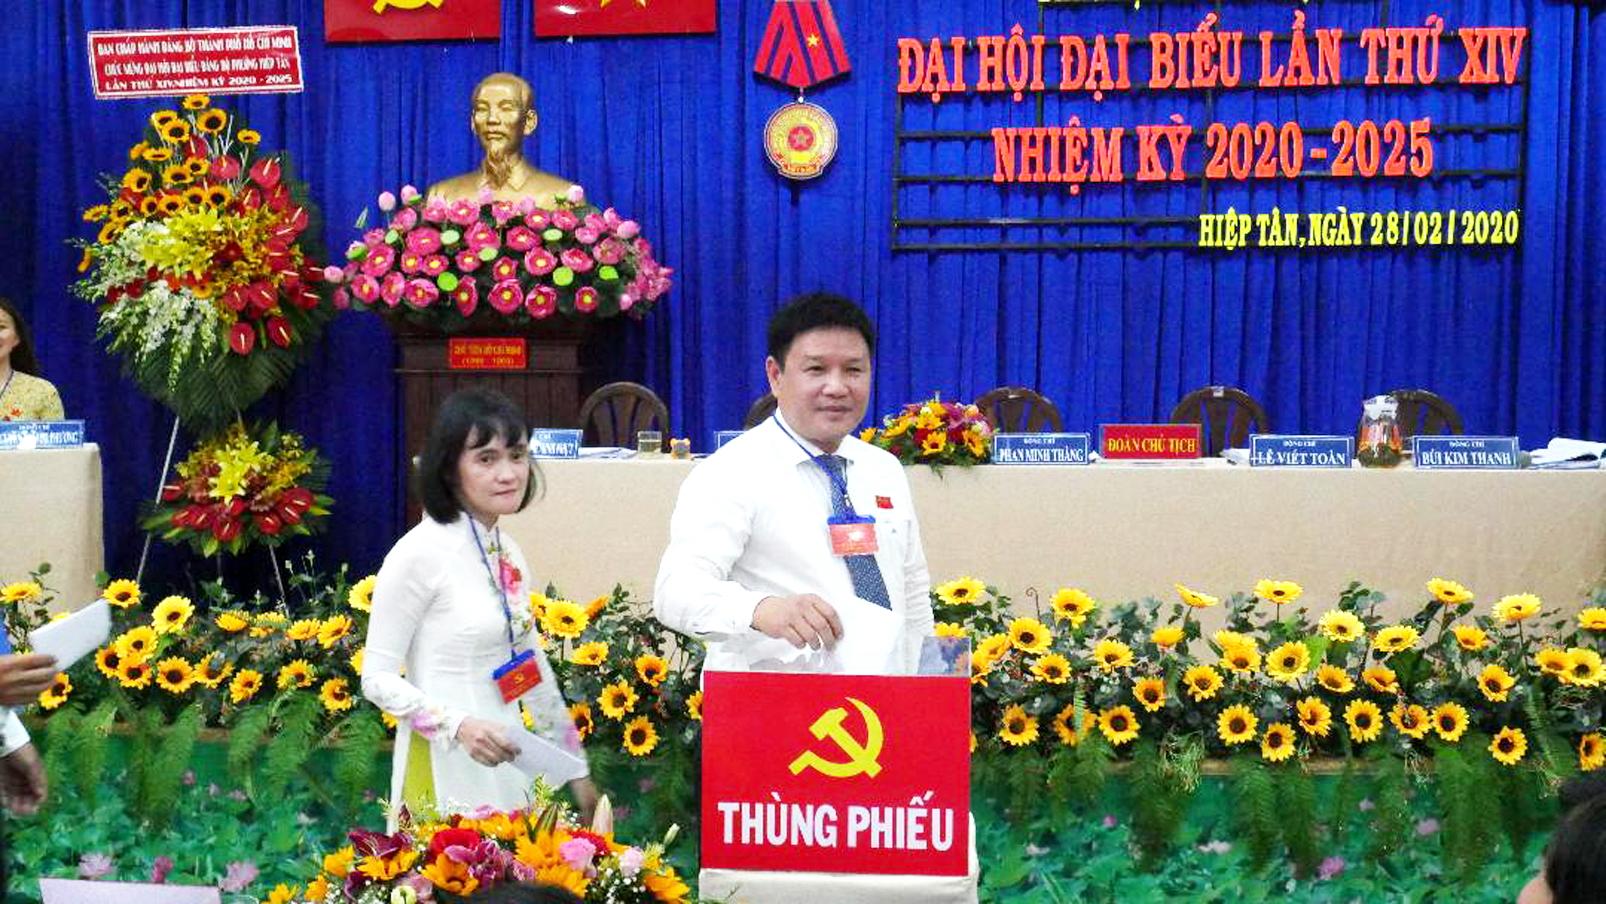 Ông Phan Minh Thắng - Bí thư P.Hiệp Tân, Q.Tân Phú bỏ phiếu bầu Ban chấp hành Đảng bộ phường nhiệm kỳ mới 2020-2025